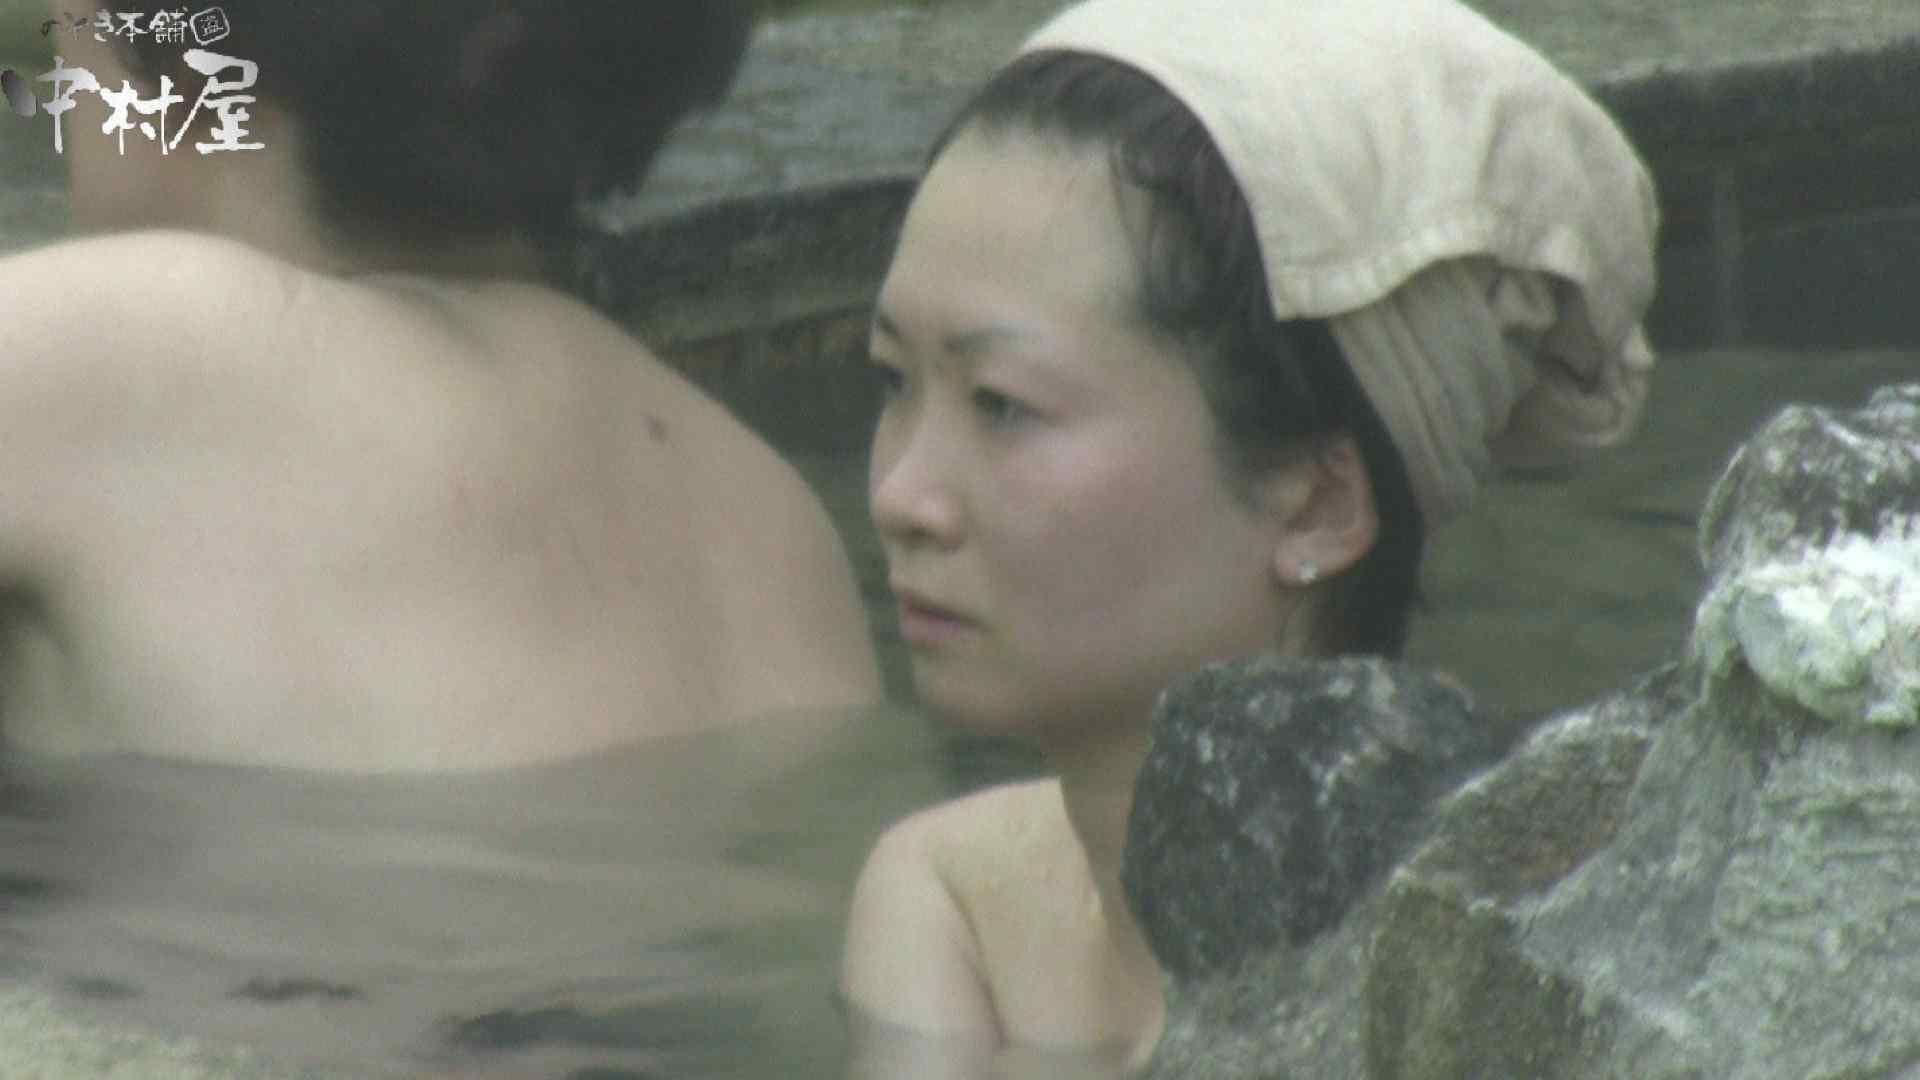 Aquaな露天風呂Vol.906 いやらしいOL 盗撮動画紹介 88連発 86